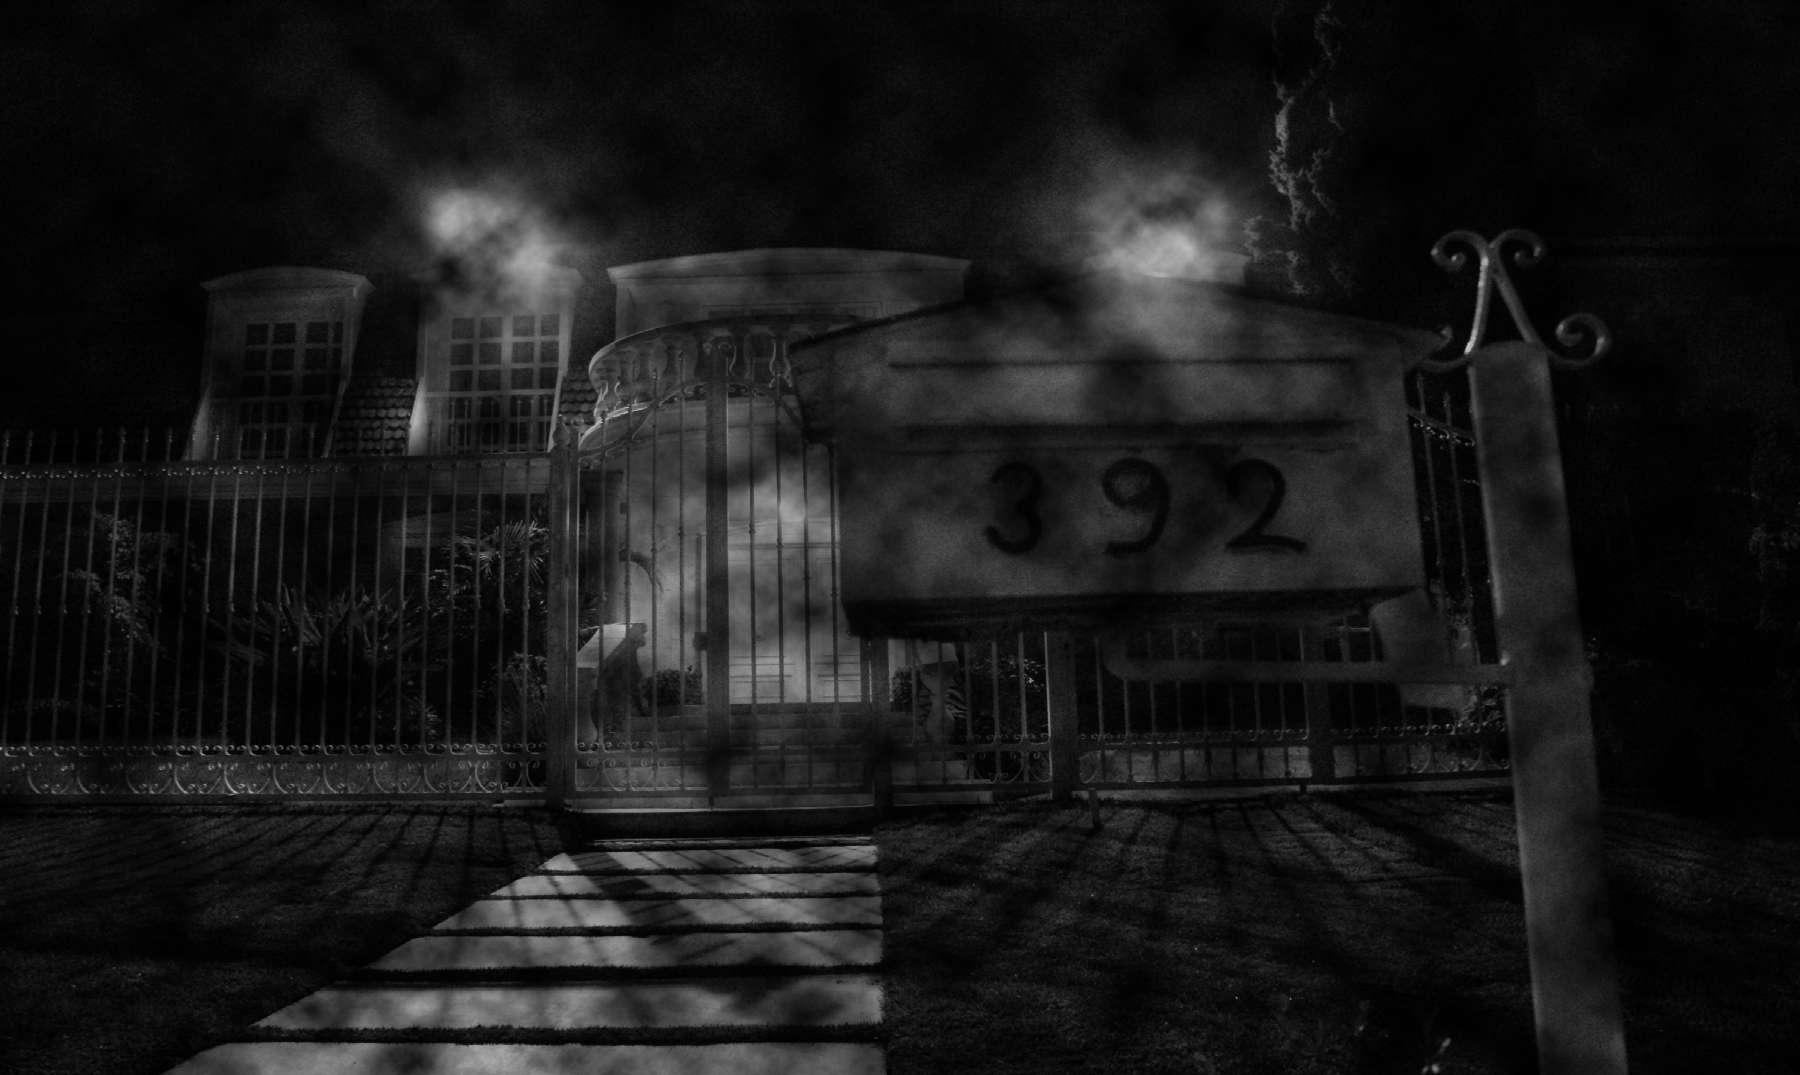 Lo normal es paranormal: presencias oscuras en cuarentena - Radio Cantilo